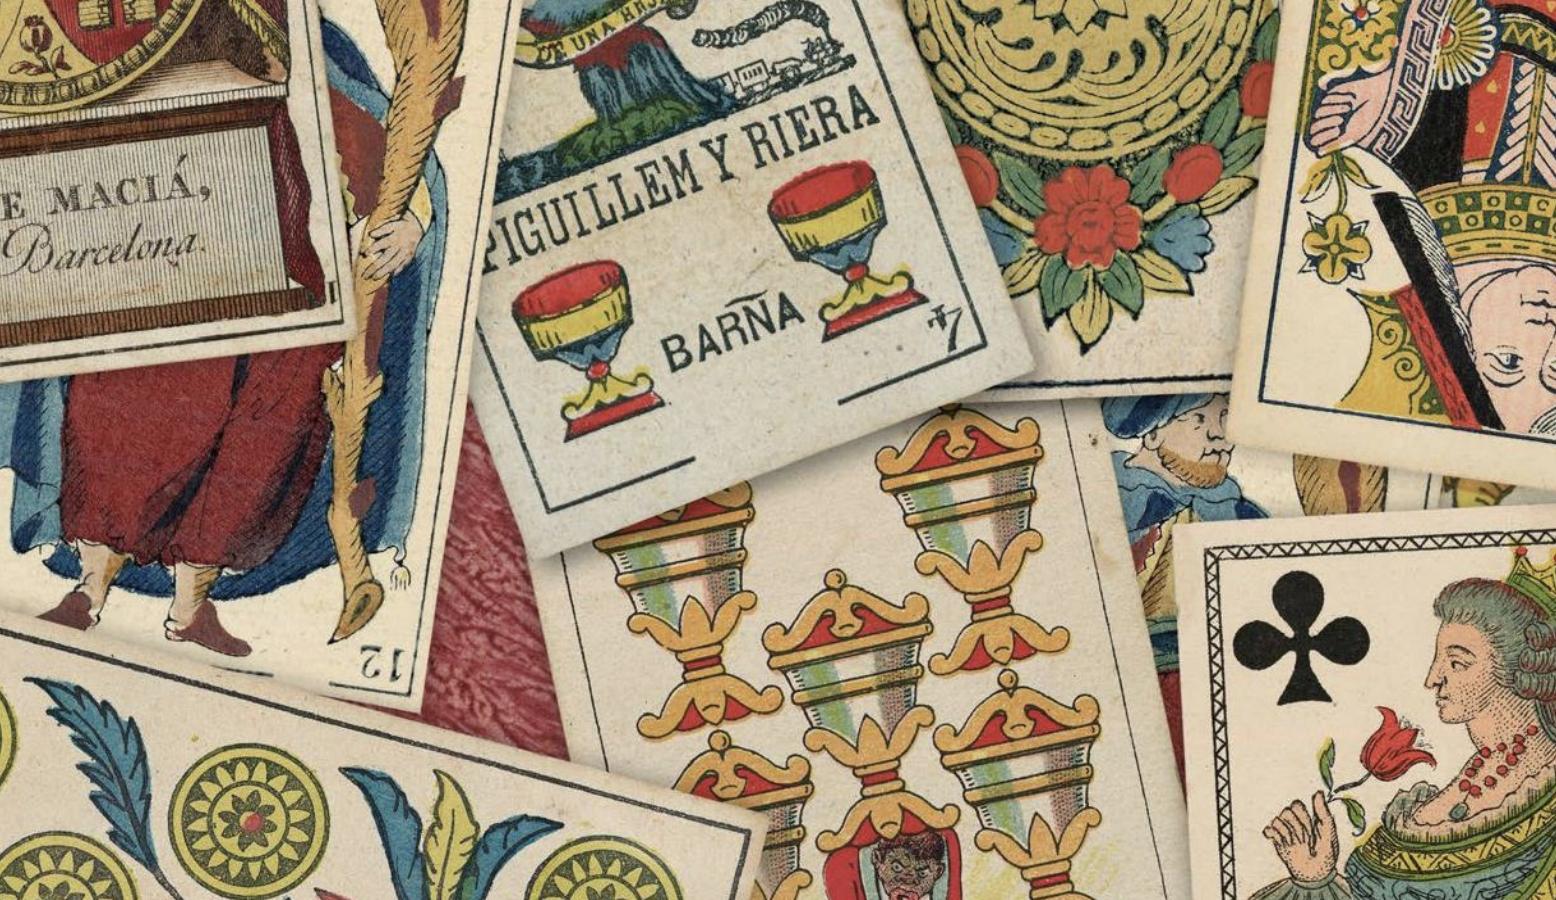 Una mà de cartes. Col·lecció de naips de l'Arxiu Històric de la Ciutat de Barcelona (1529-1988)